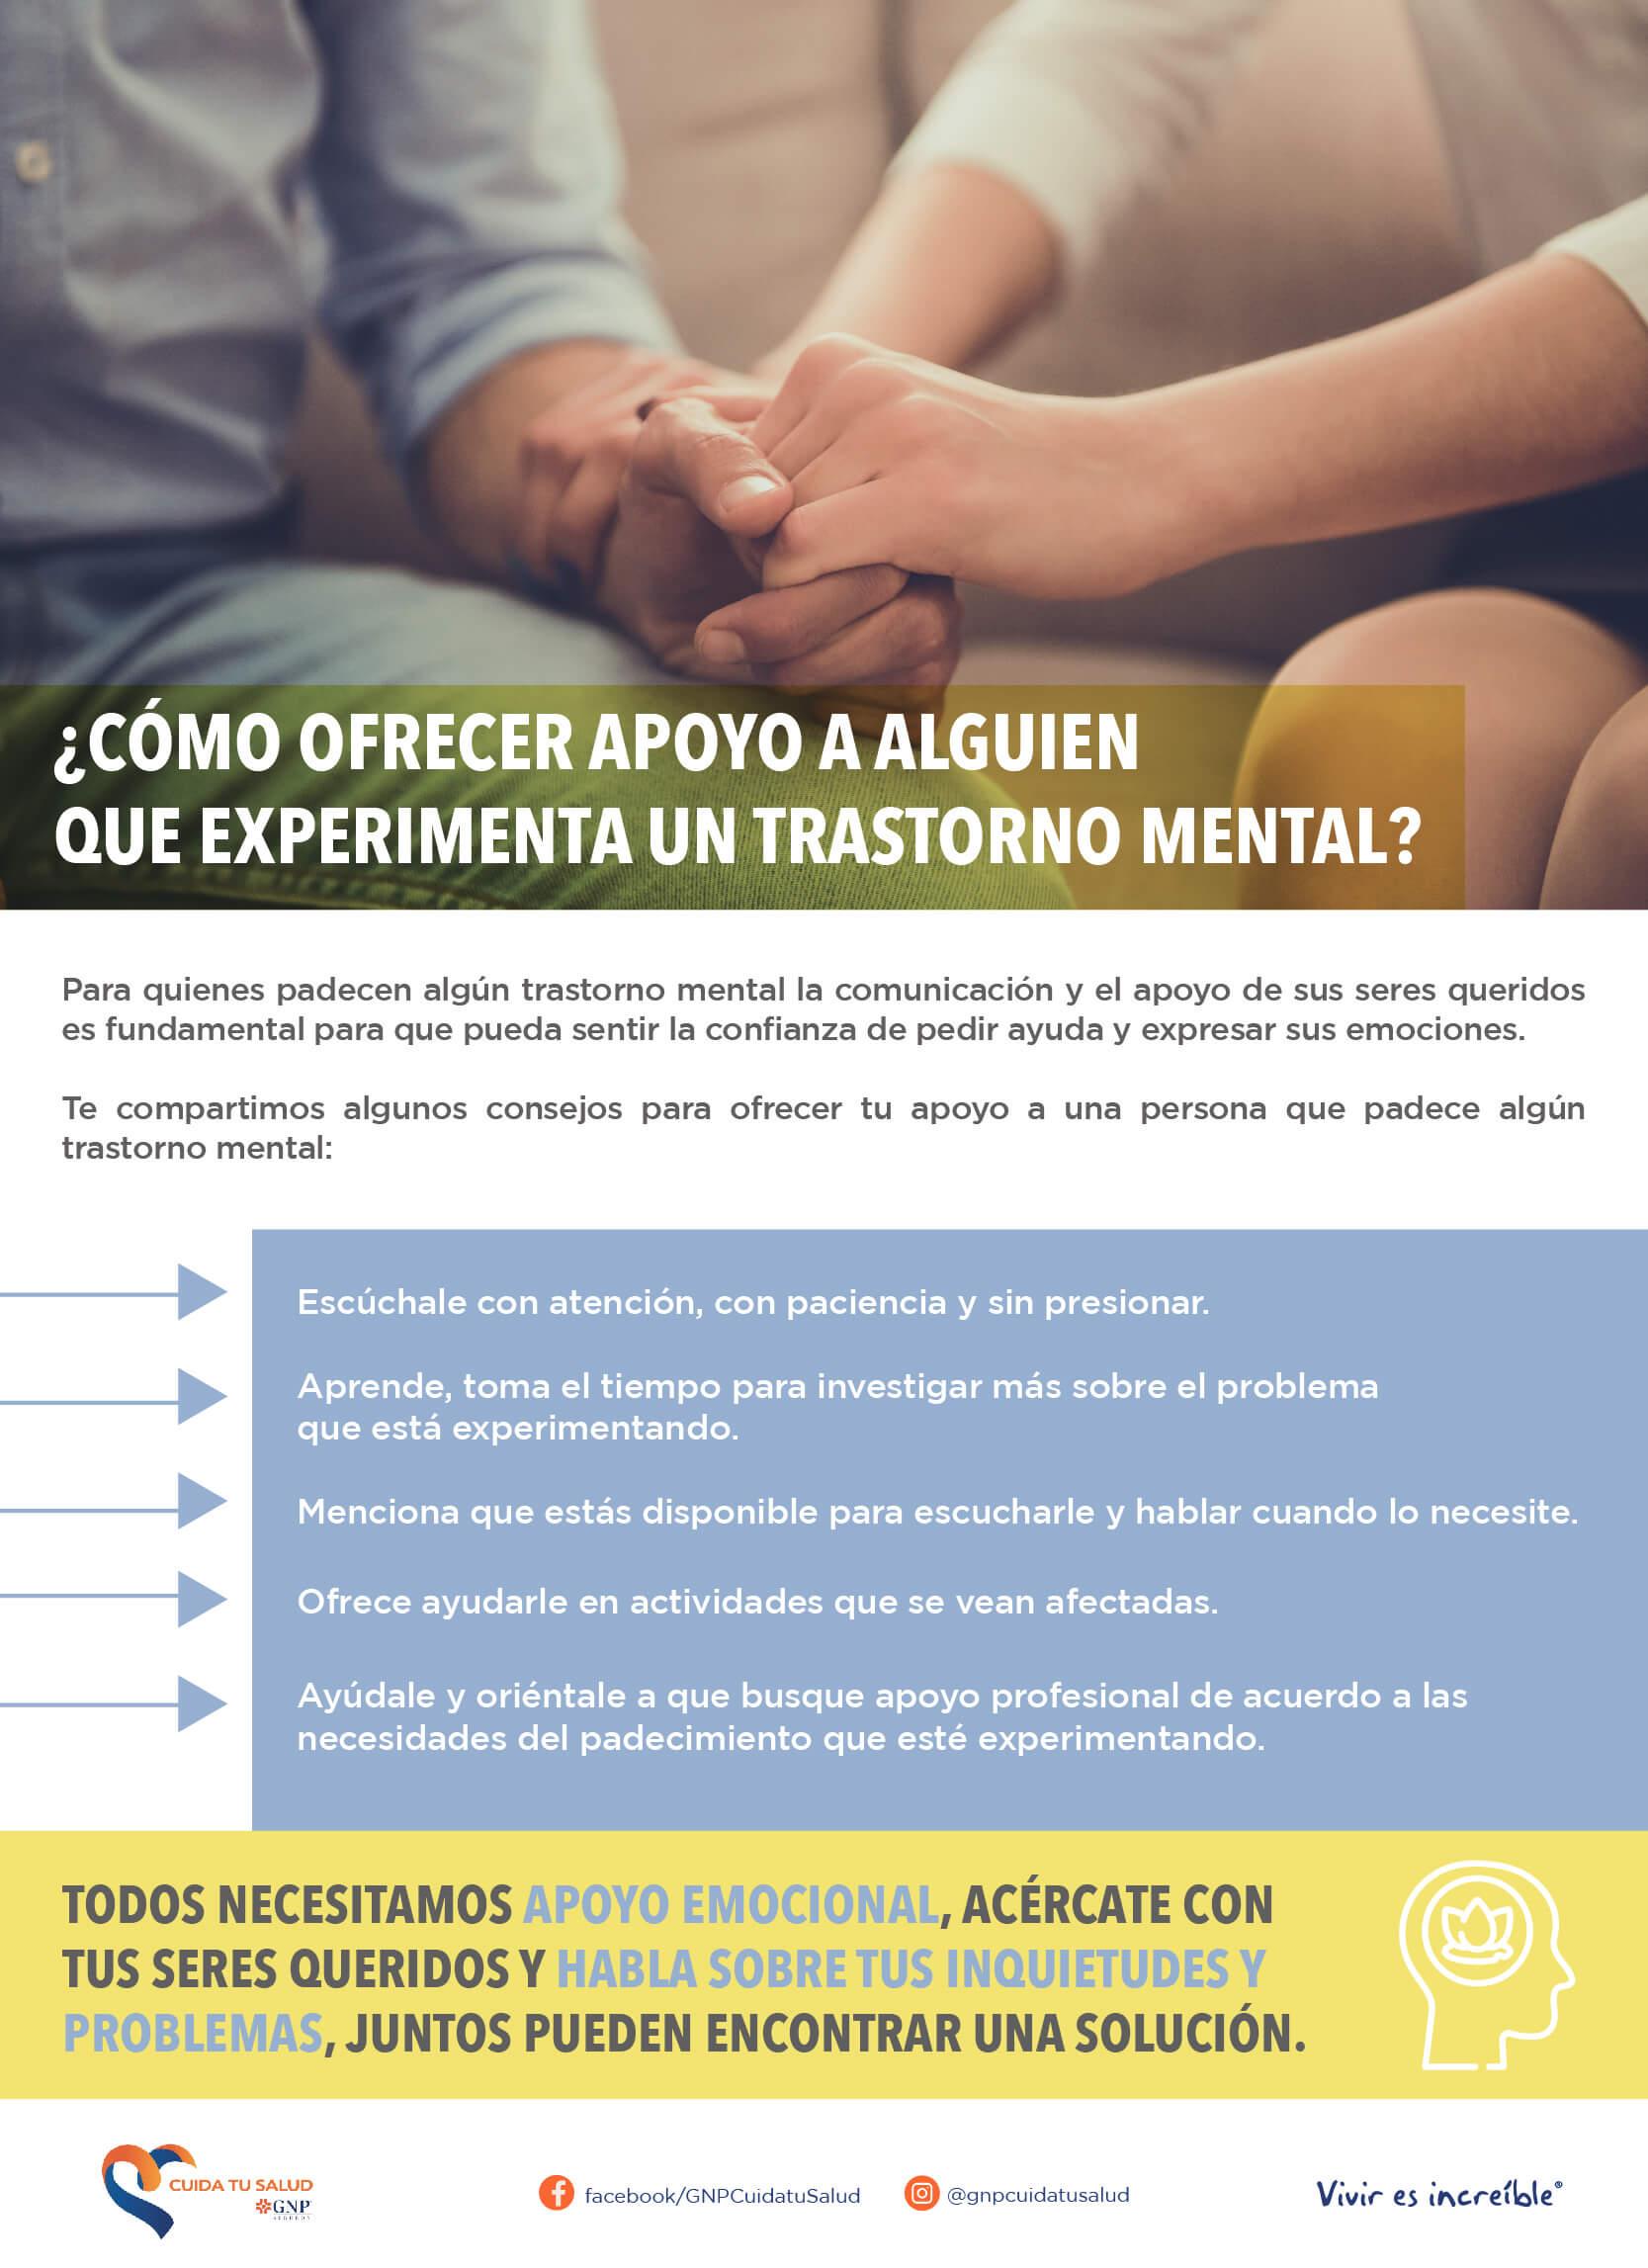 Ofrecer apoyo a alguien que experimenta un trastorno mental